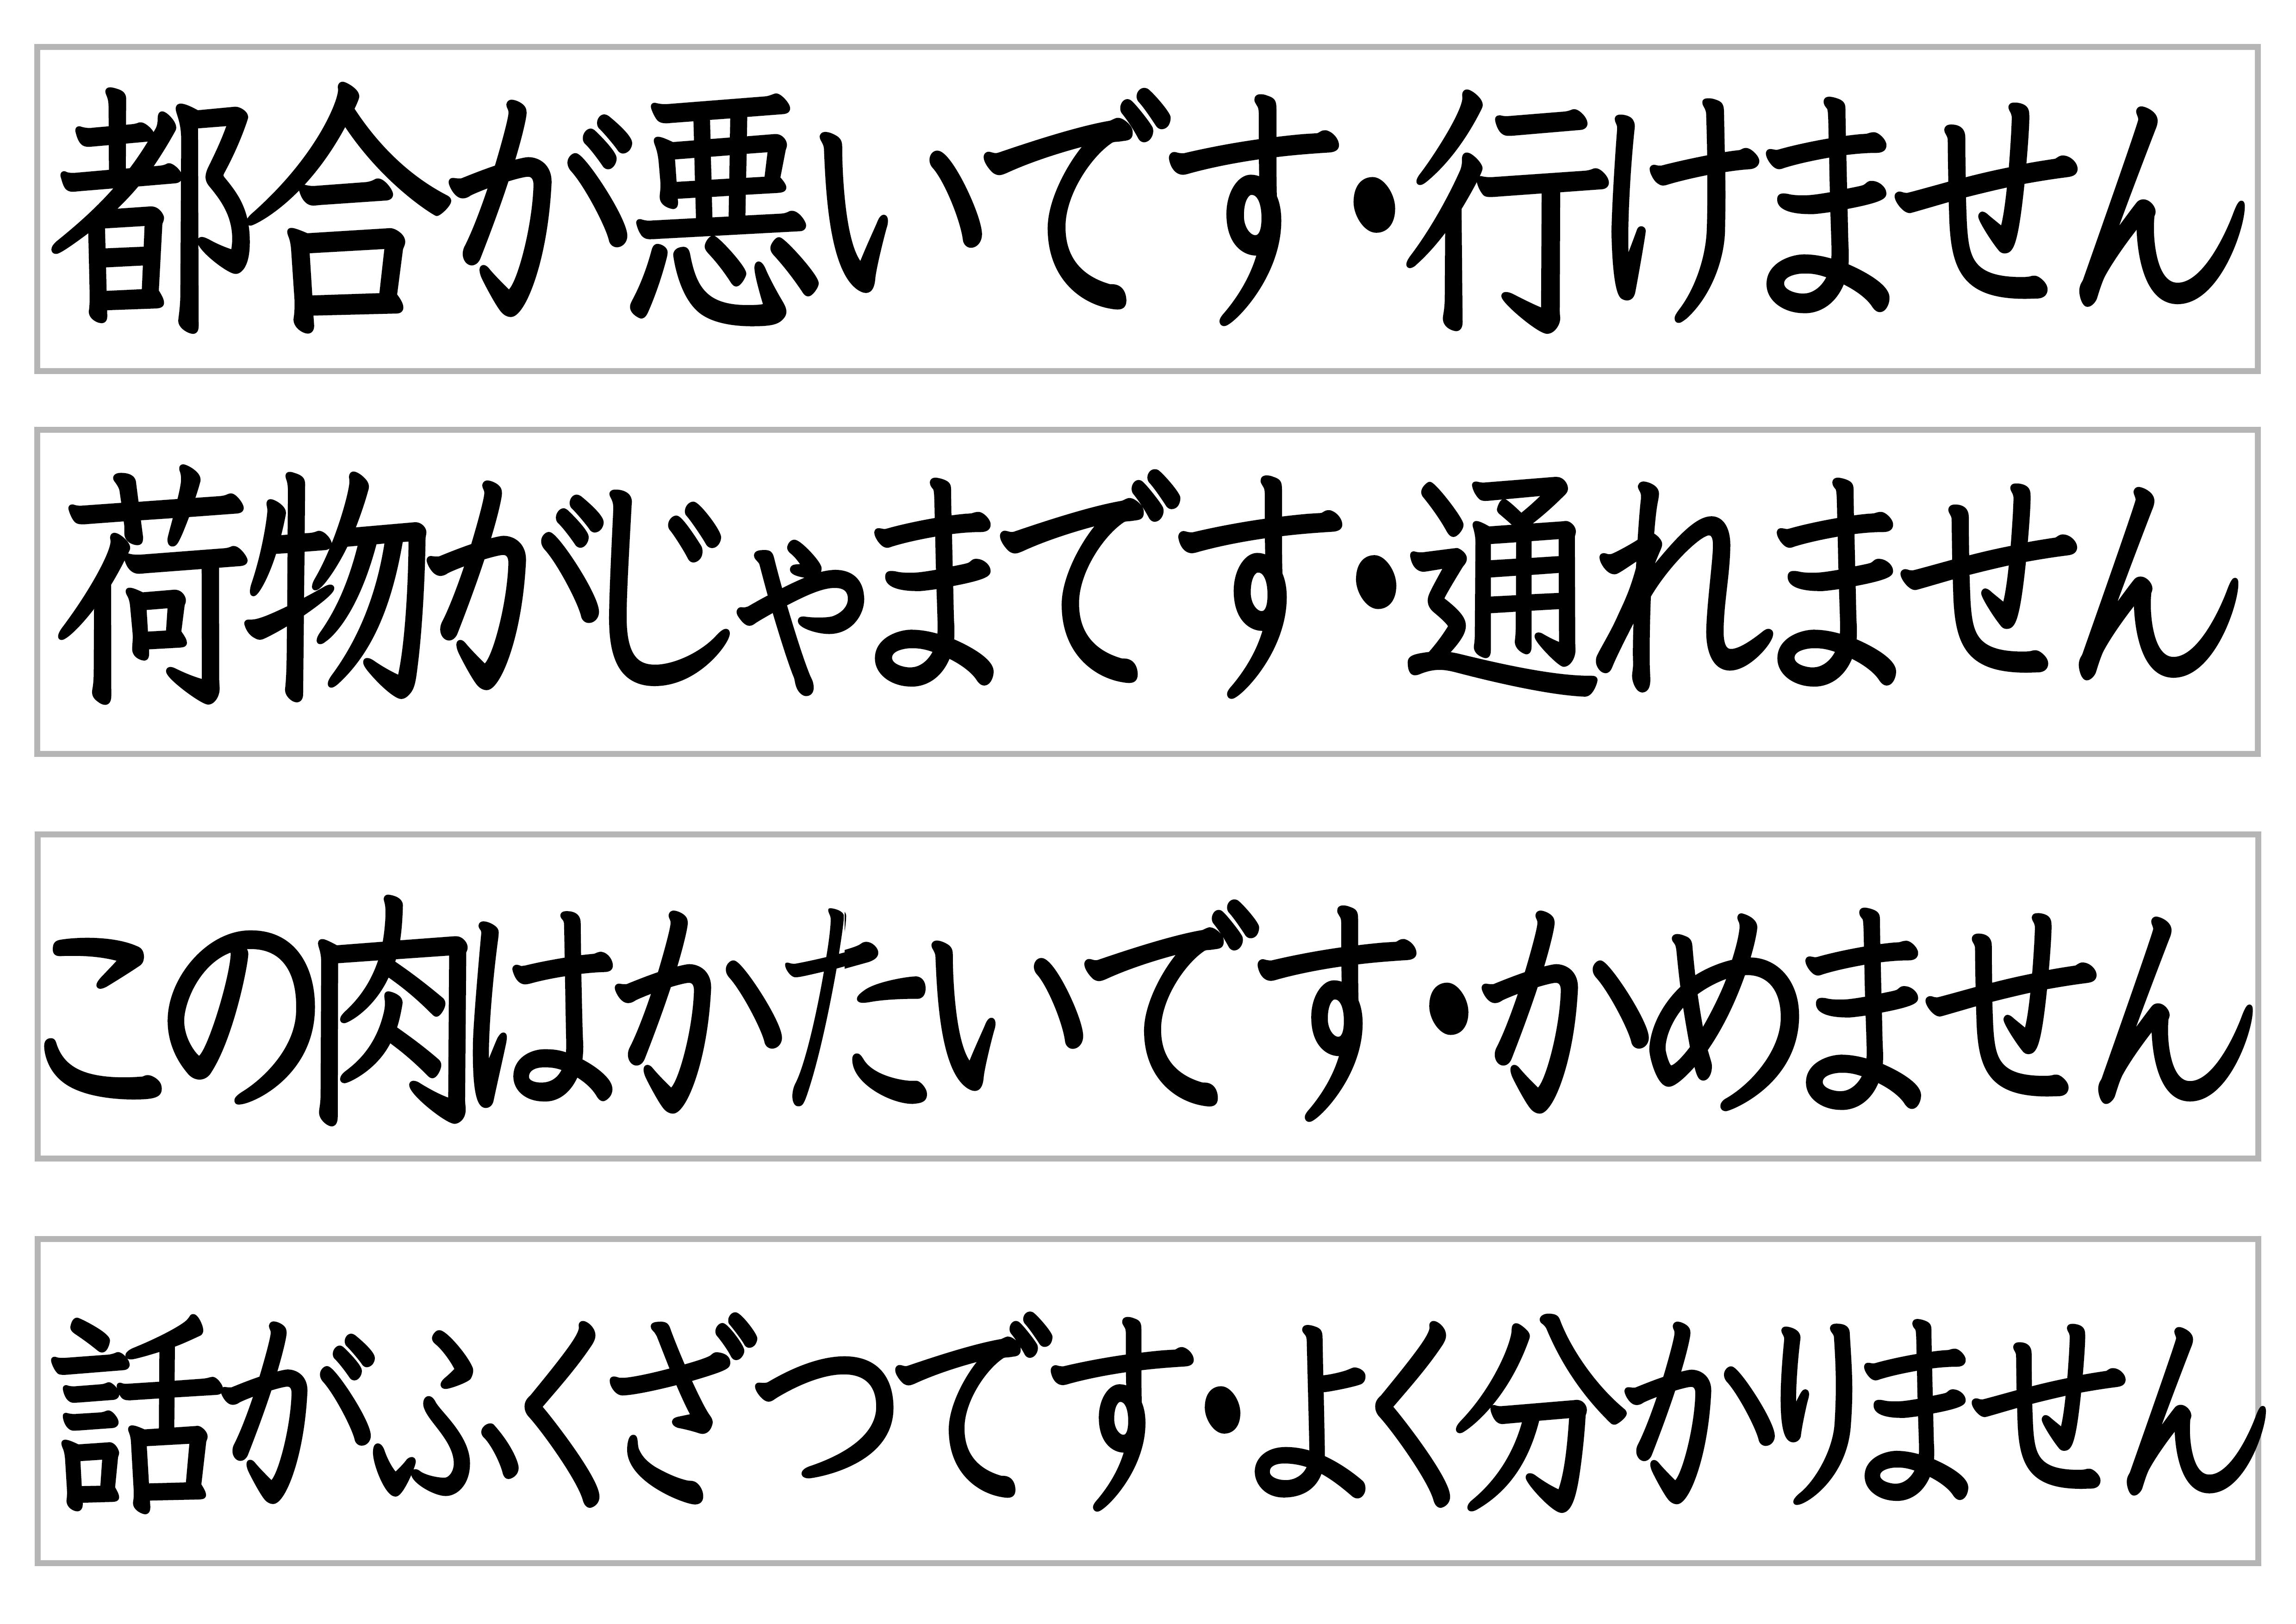 39課文字カード【〜で(原因・理由)/ので】